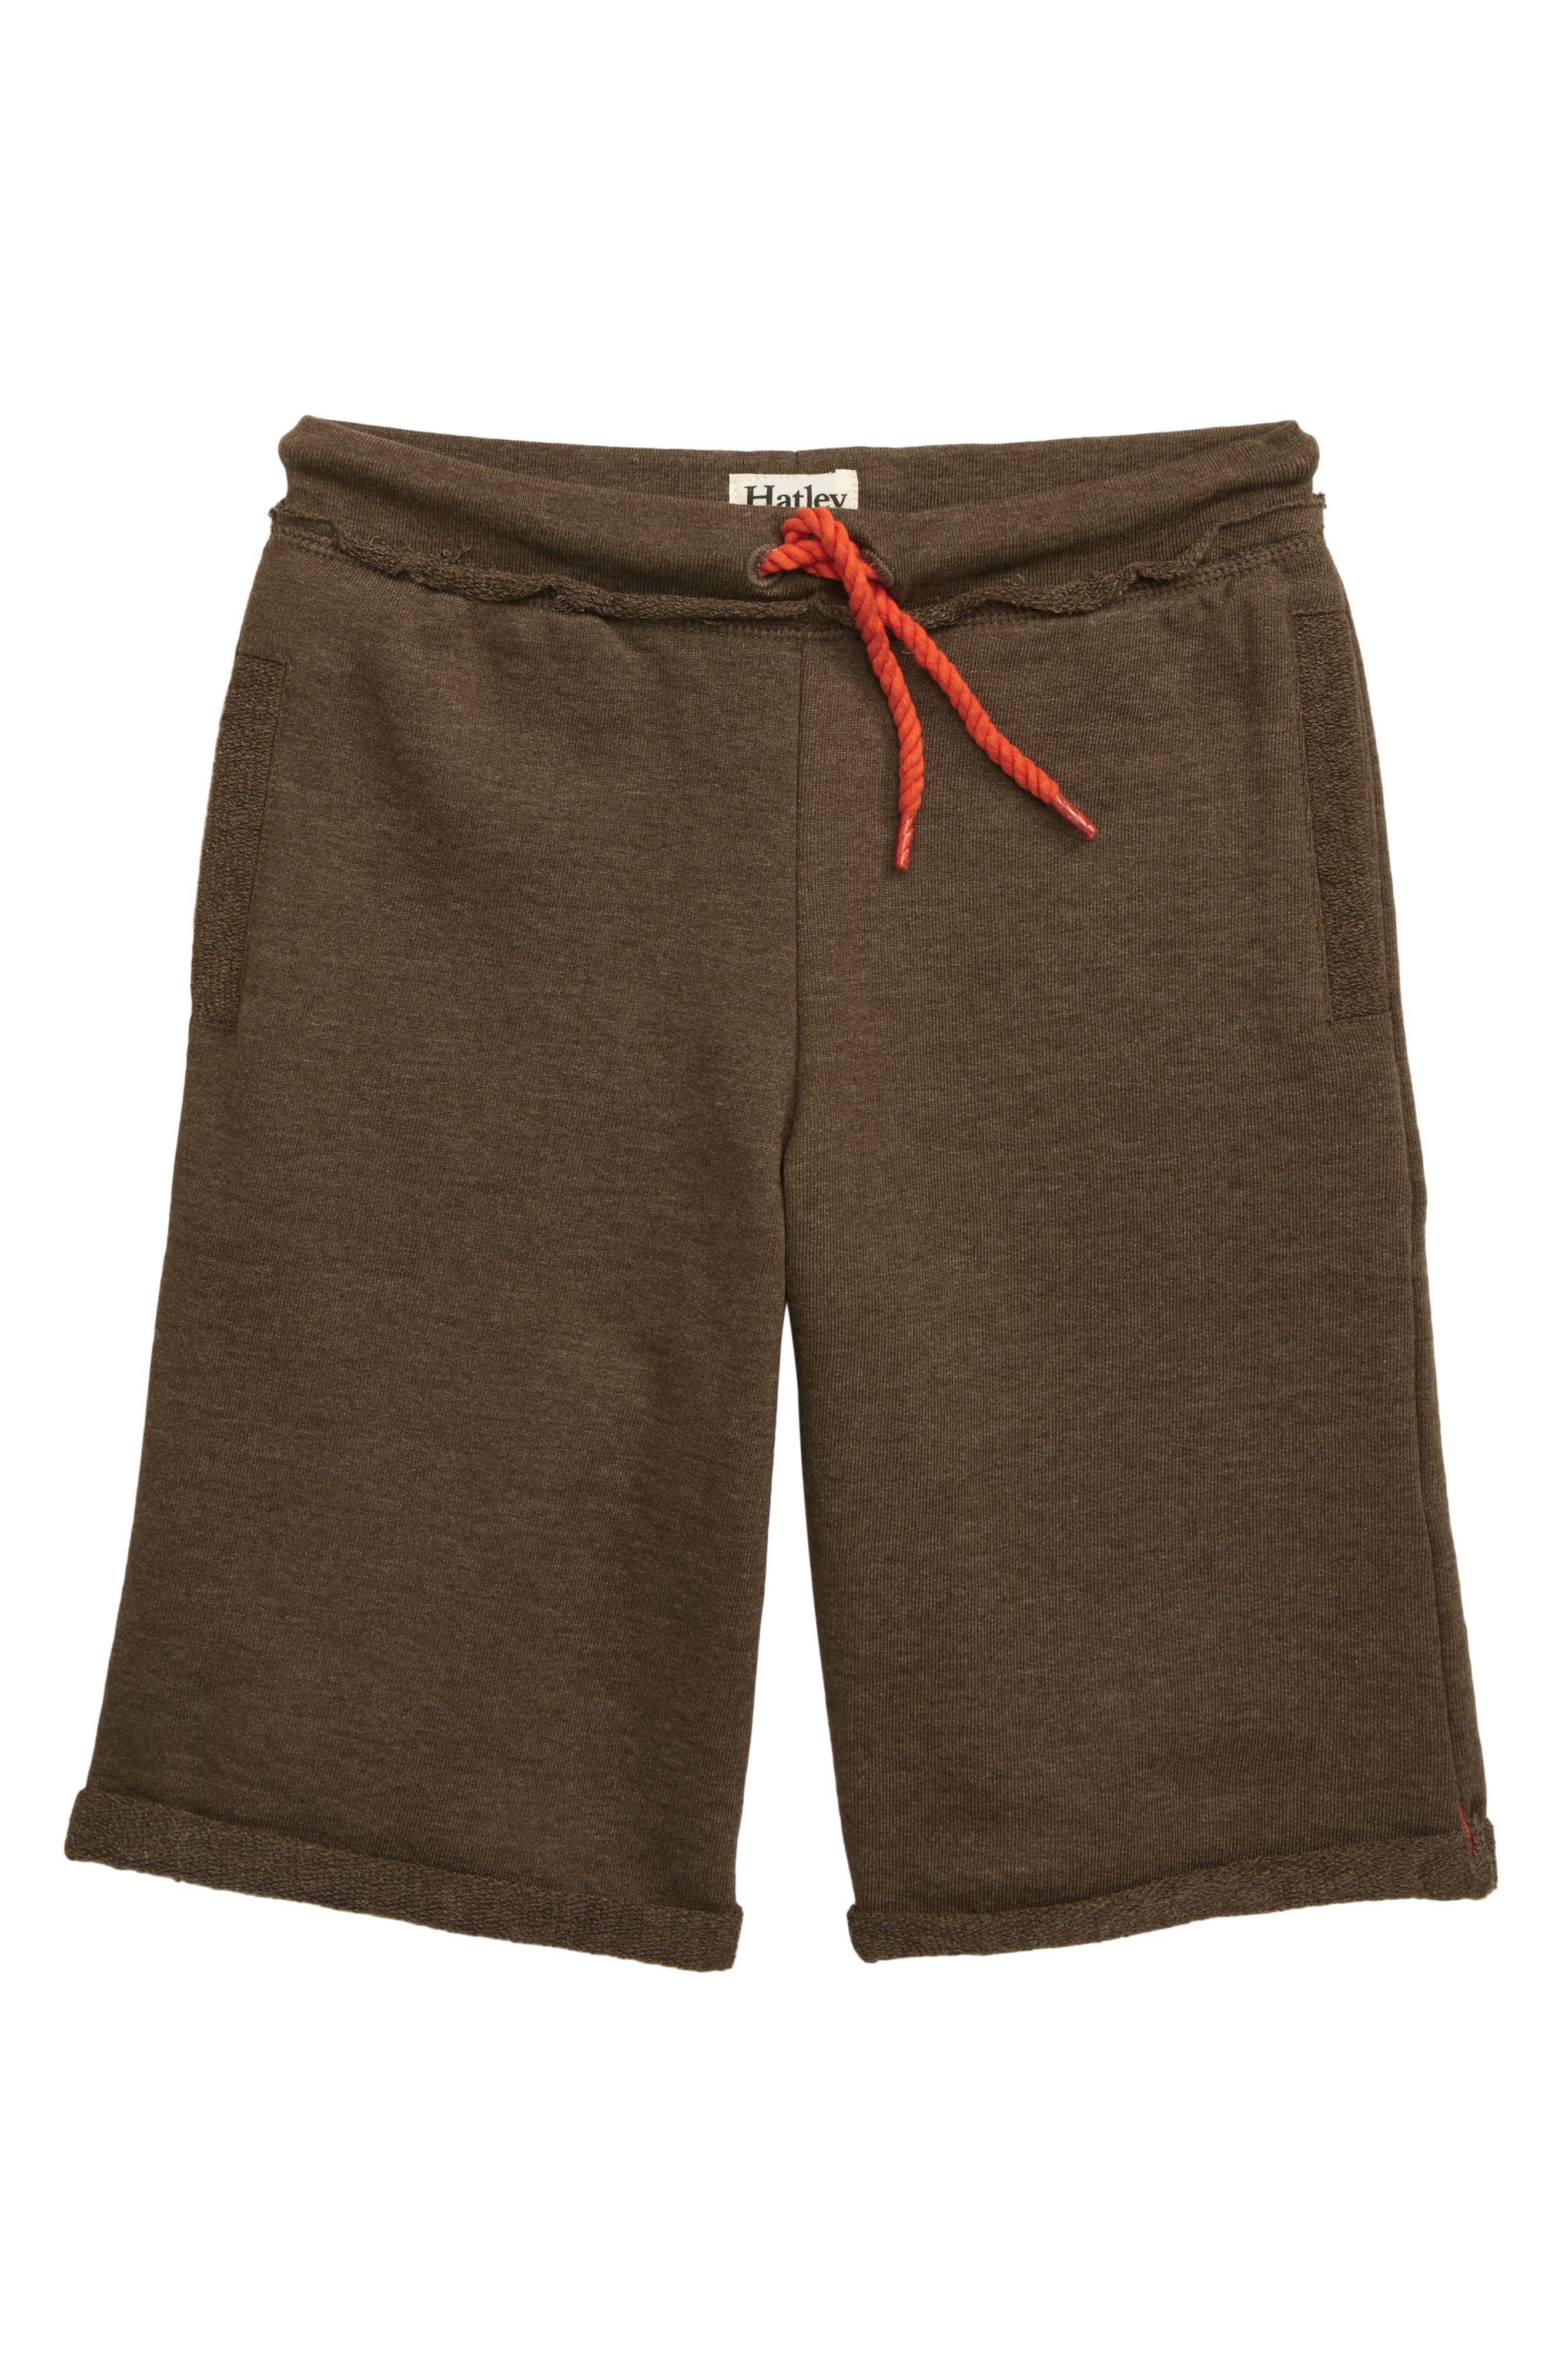 HATLEY, Bermuda Knit Shorts, Main thumbnail 1, color, BROWN